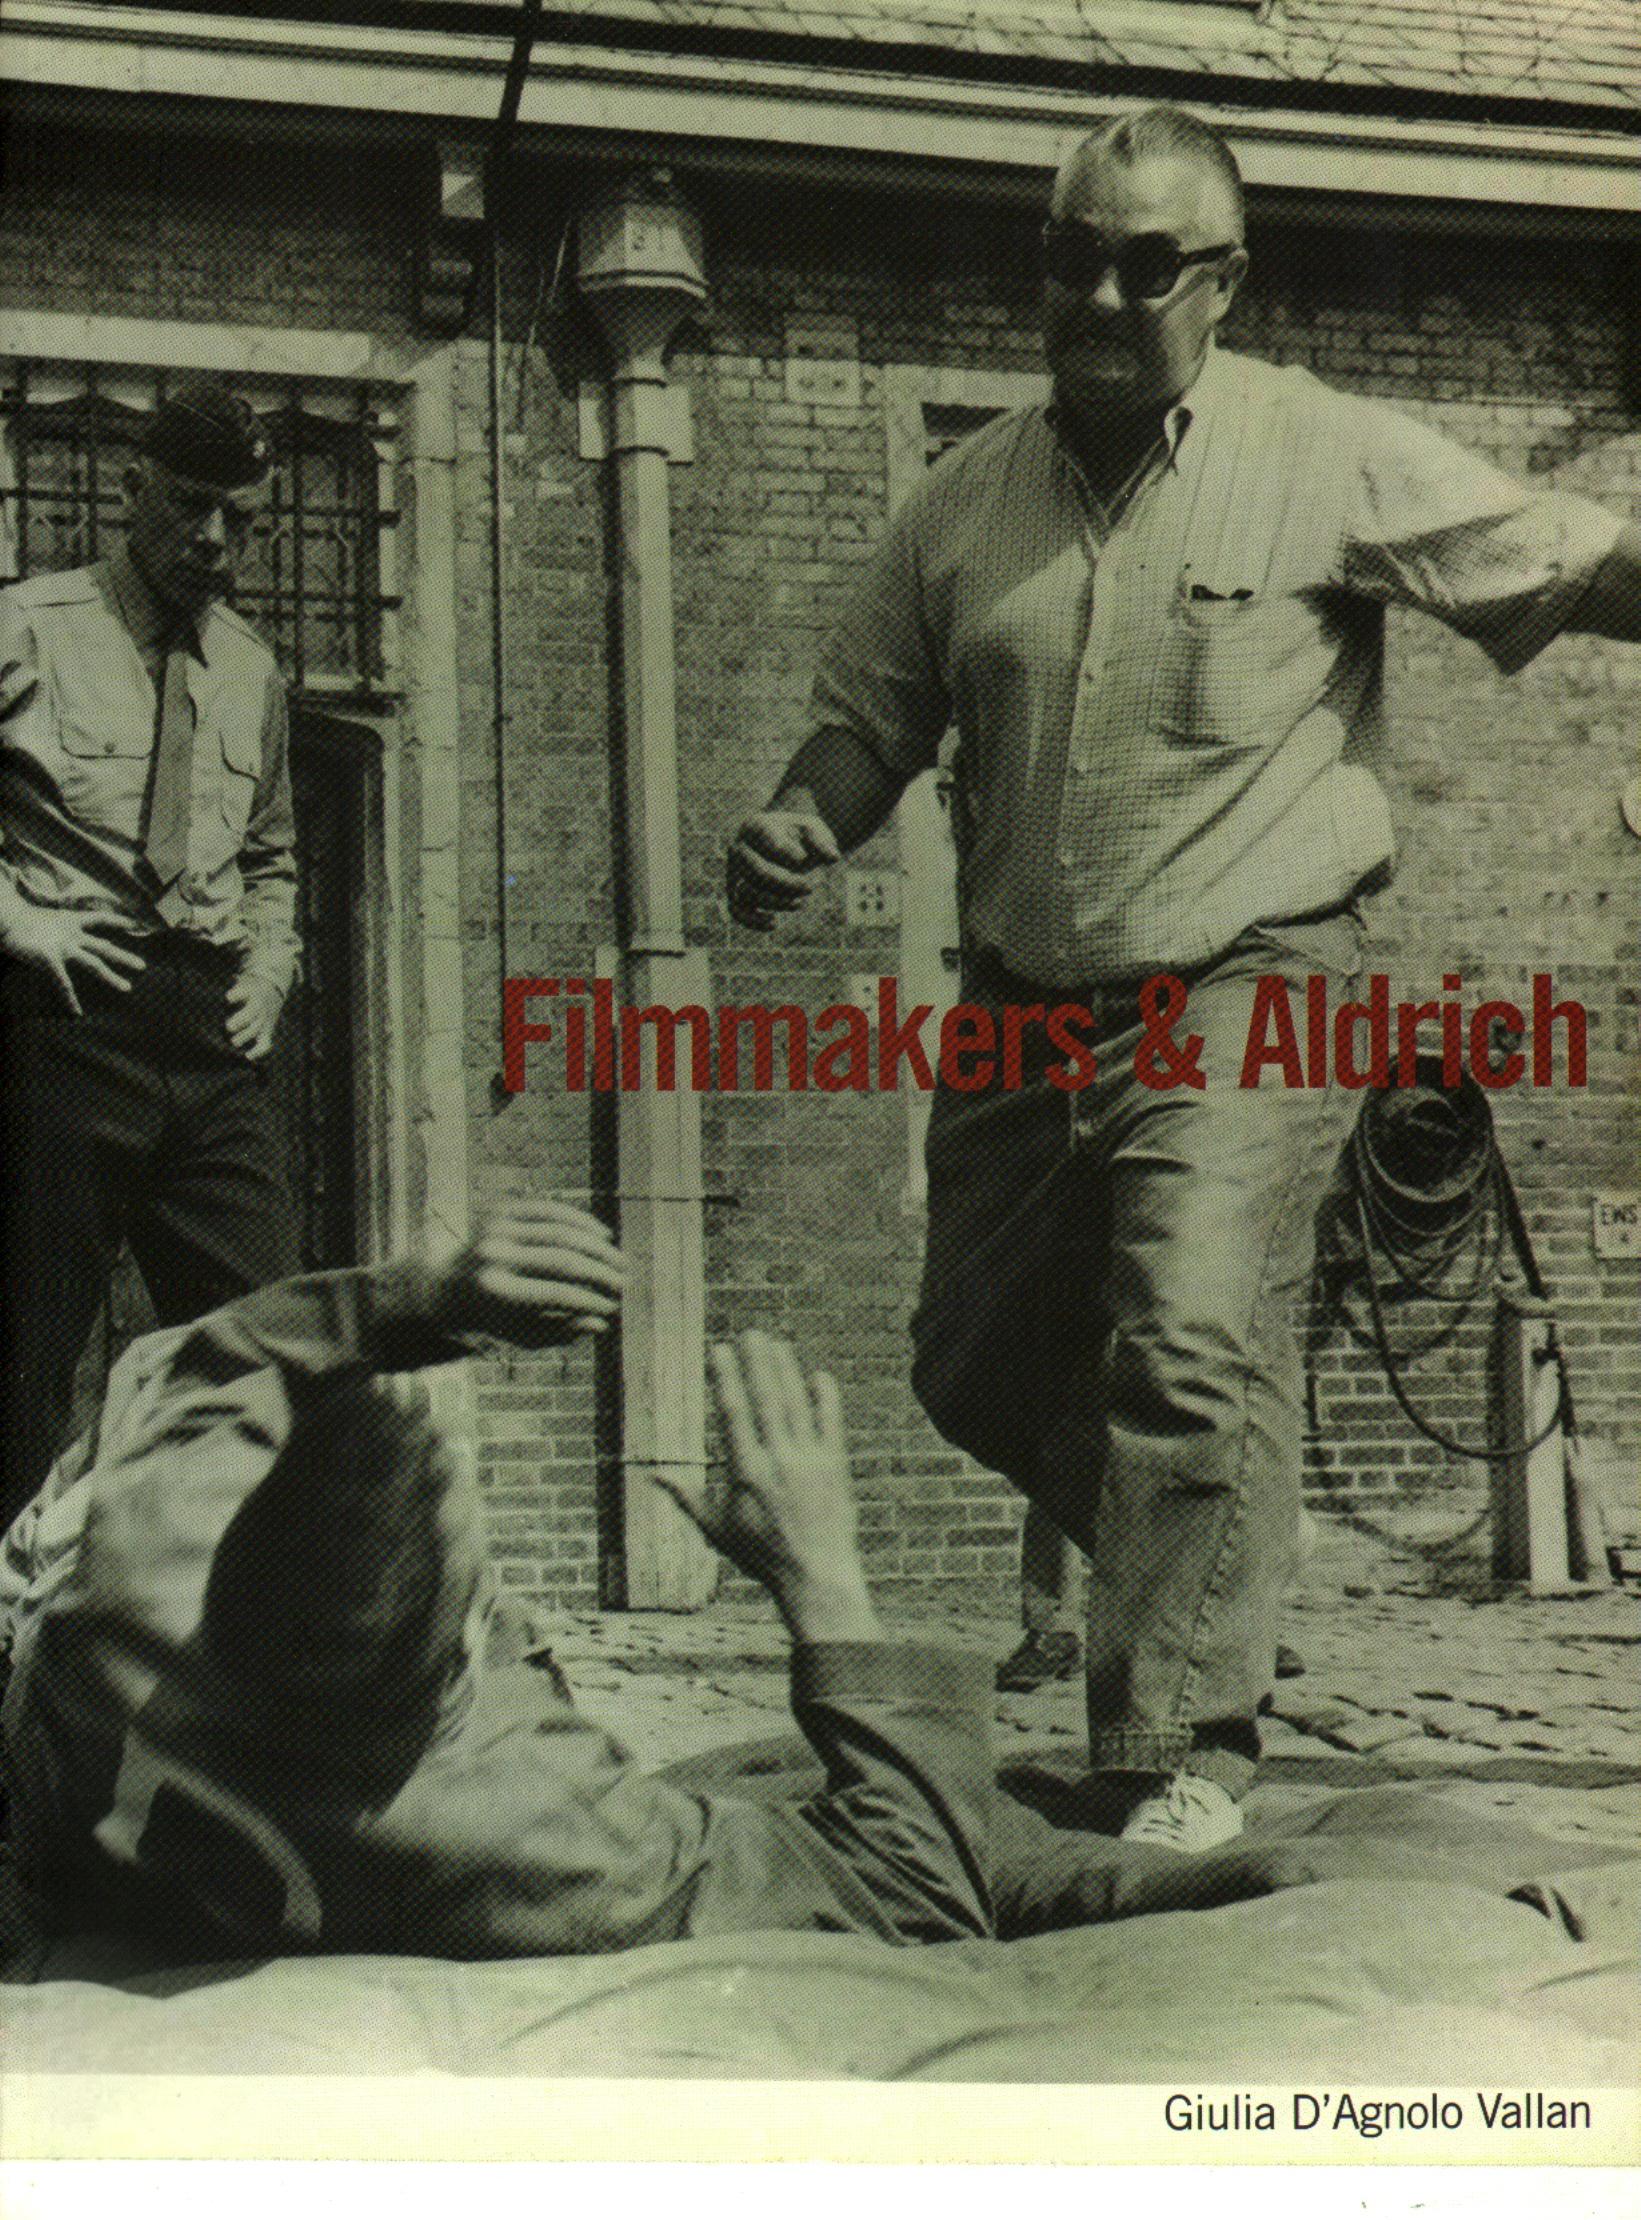 Filmmakers & Aldrich